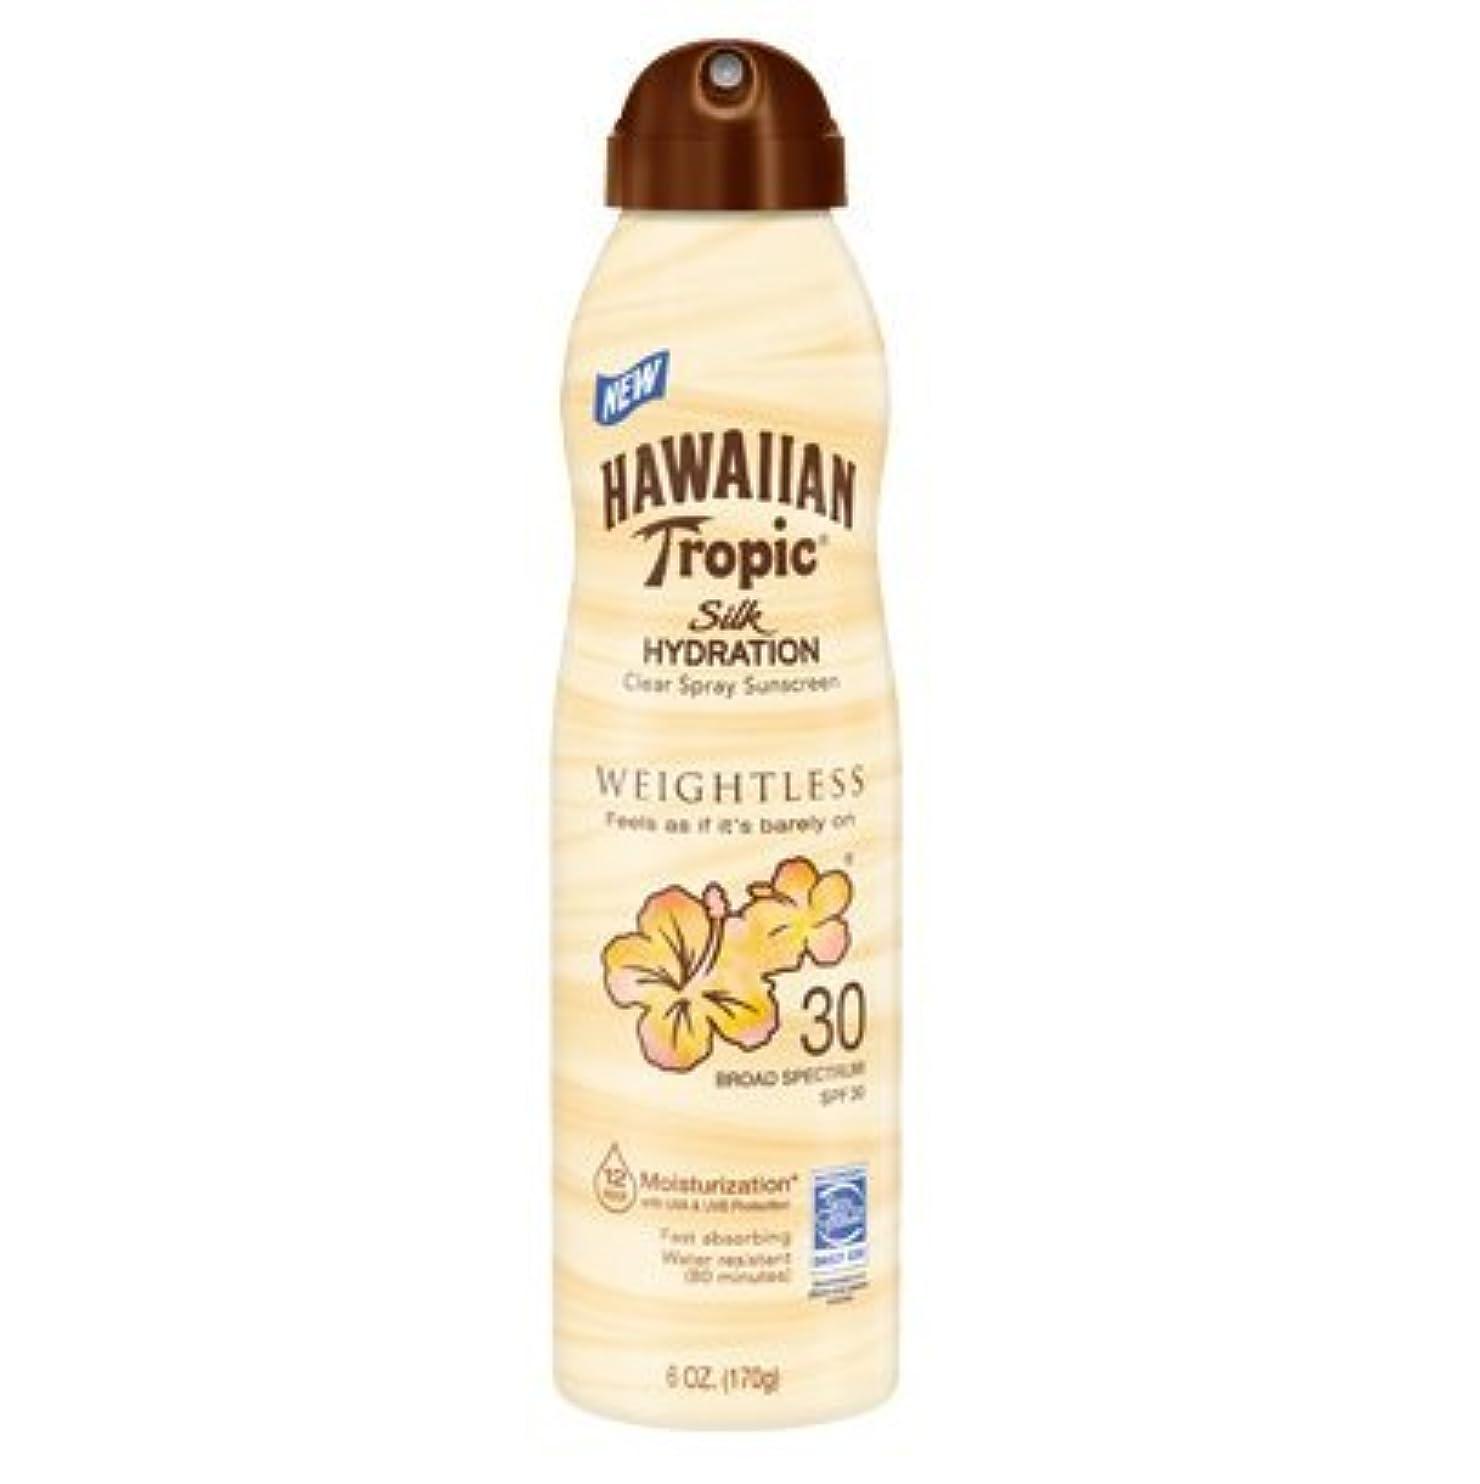 暴露スコア天使【海外直送】ハワイアントロピック 12時間持続 日焼け止めミスト SPF30 (177ml) Hawaiian Tropic Silk Hydration Clear Mist Spray Sunscreen SPF 30...